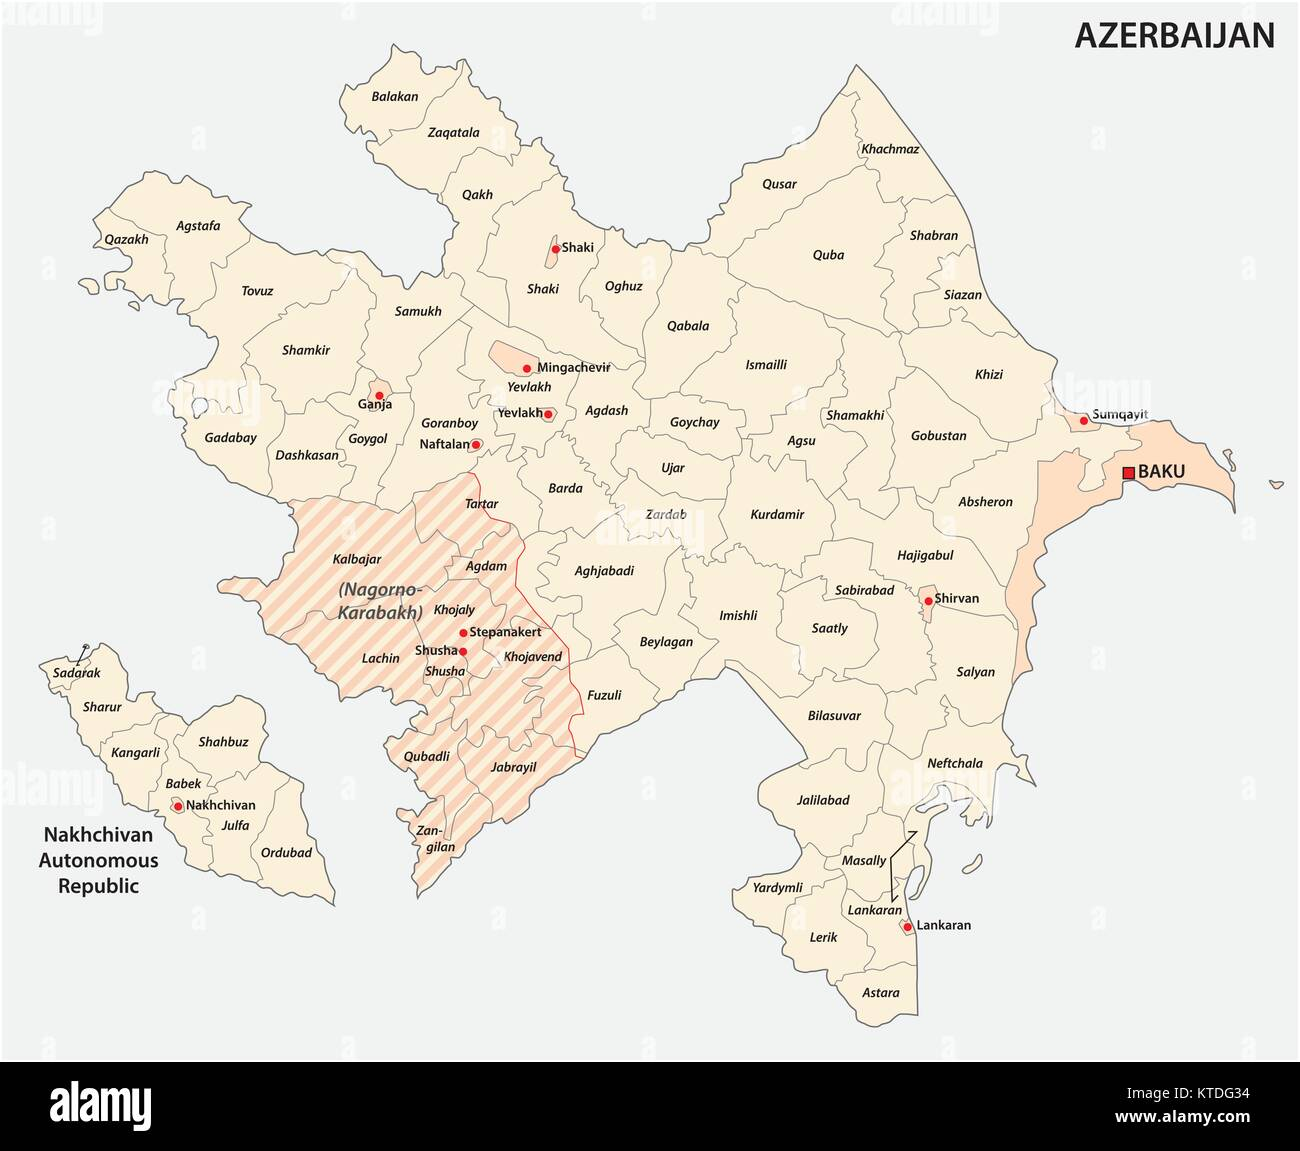 azerbaijan administrative and political vector map - Stock Vector